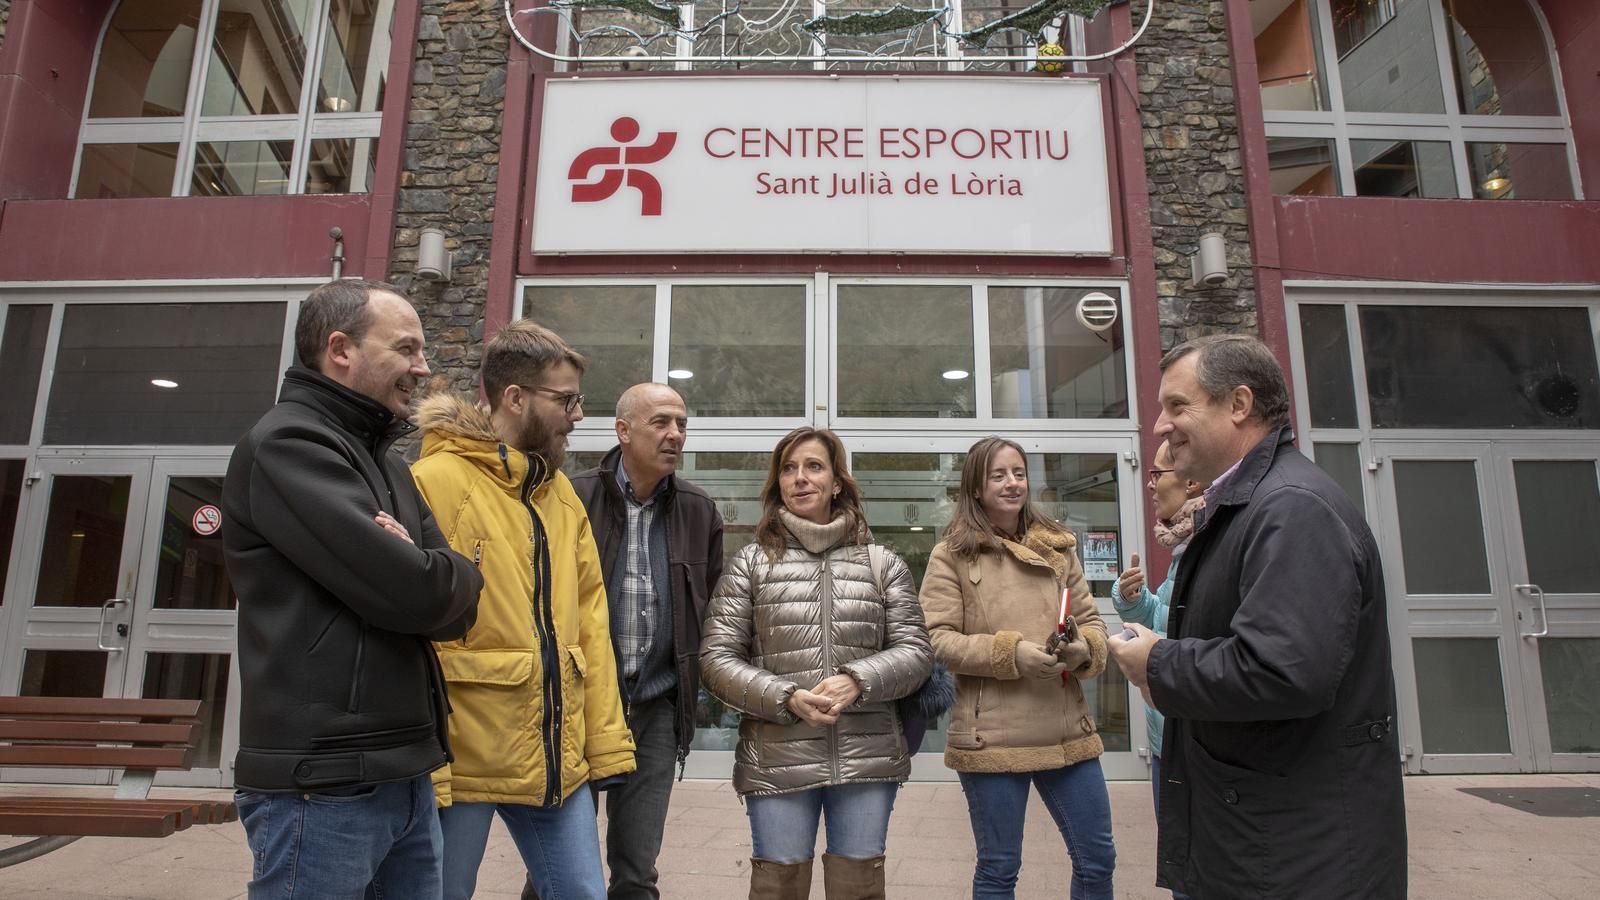 Els candidats de Terceravia + UL + Independents al centre esportiu de Sant Julià de Lòria. / TERCERAVIA